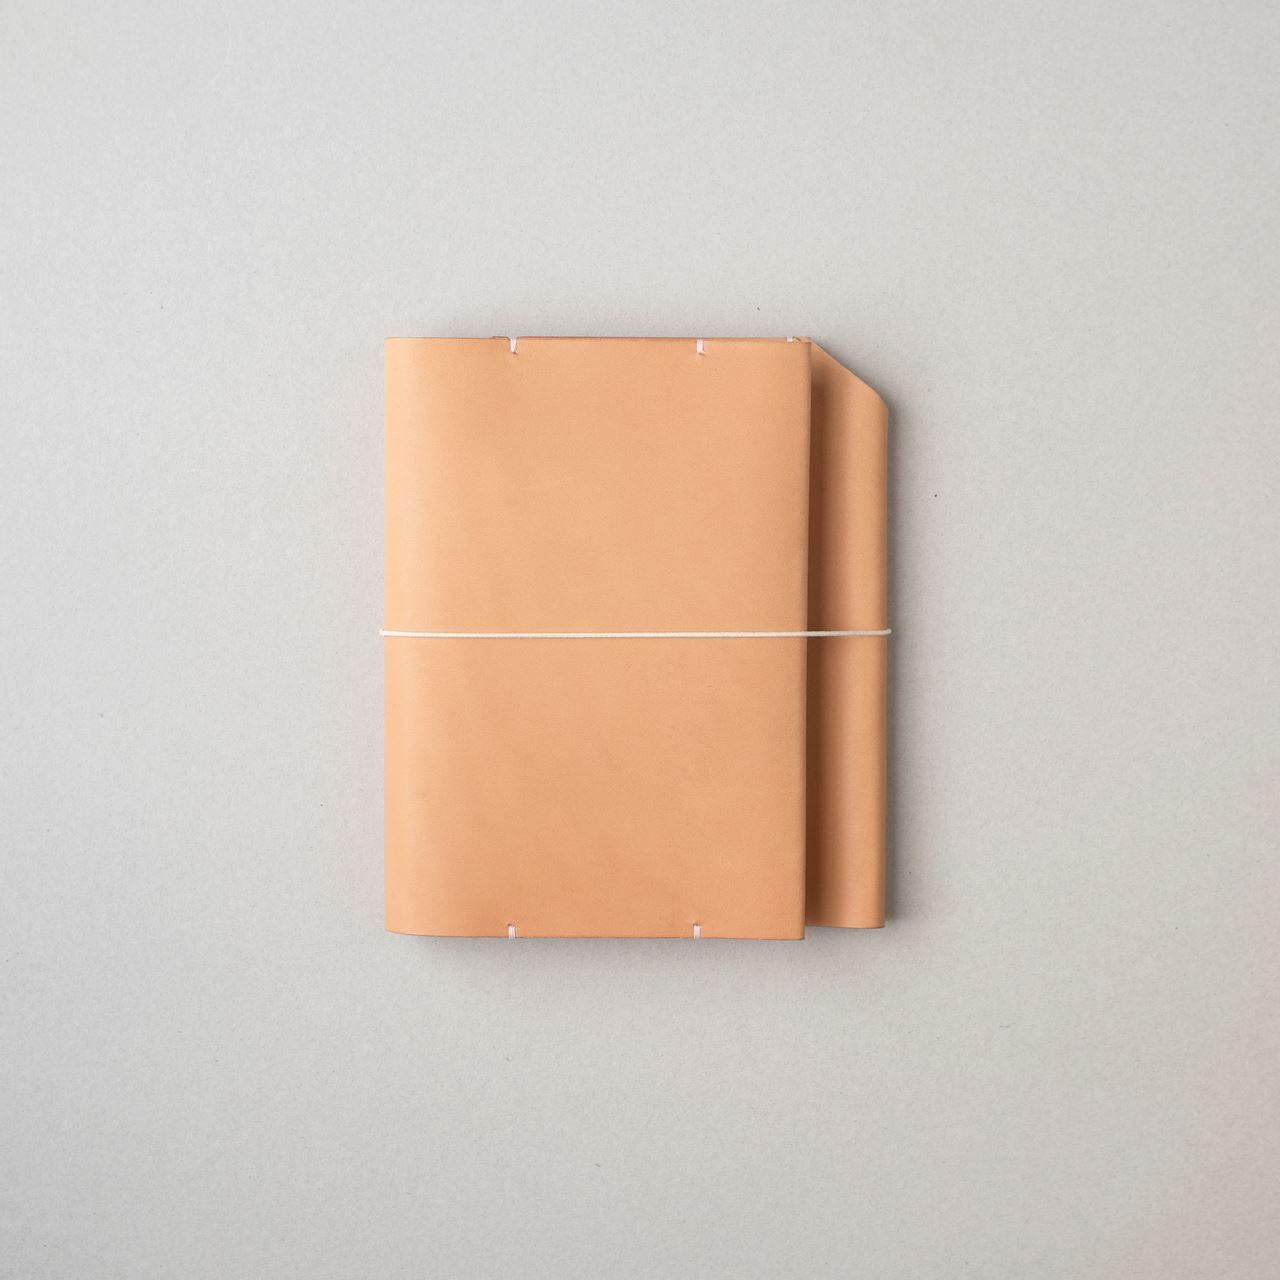 生成りのほぼ日手帳カバー1型オリジナルサイズをつくる